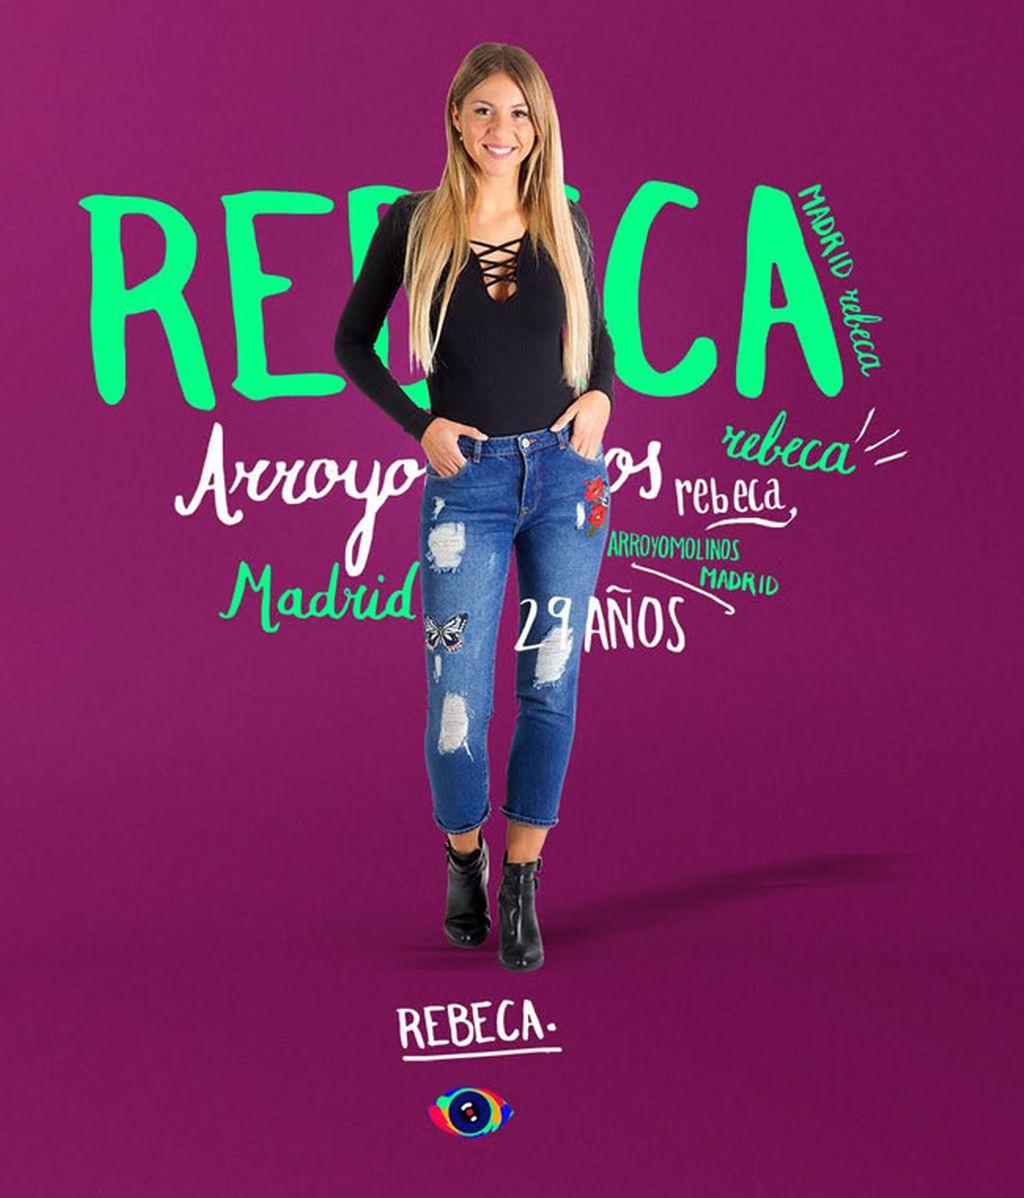 Rebeca, 29 años (Madrid)